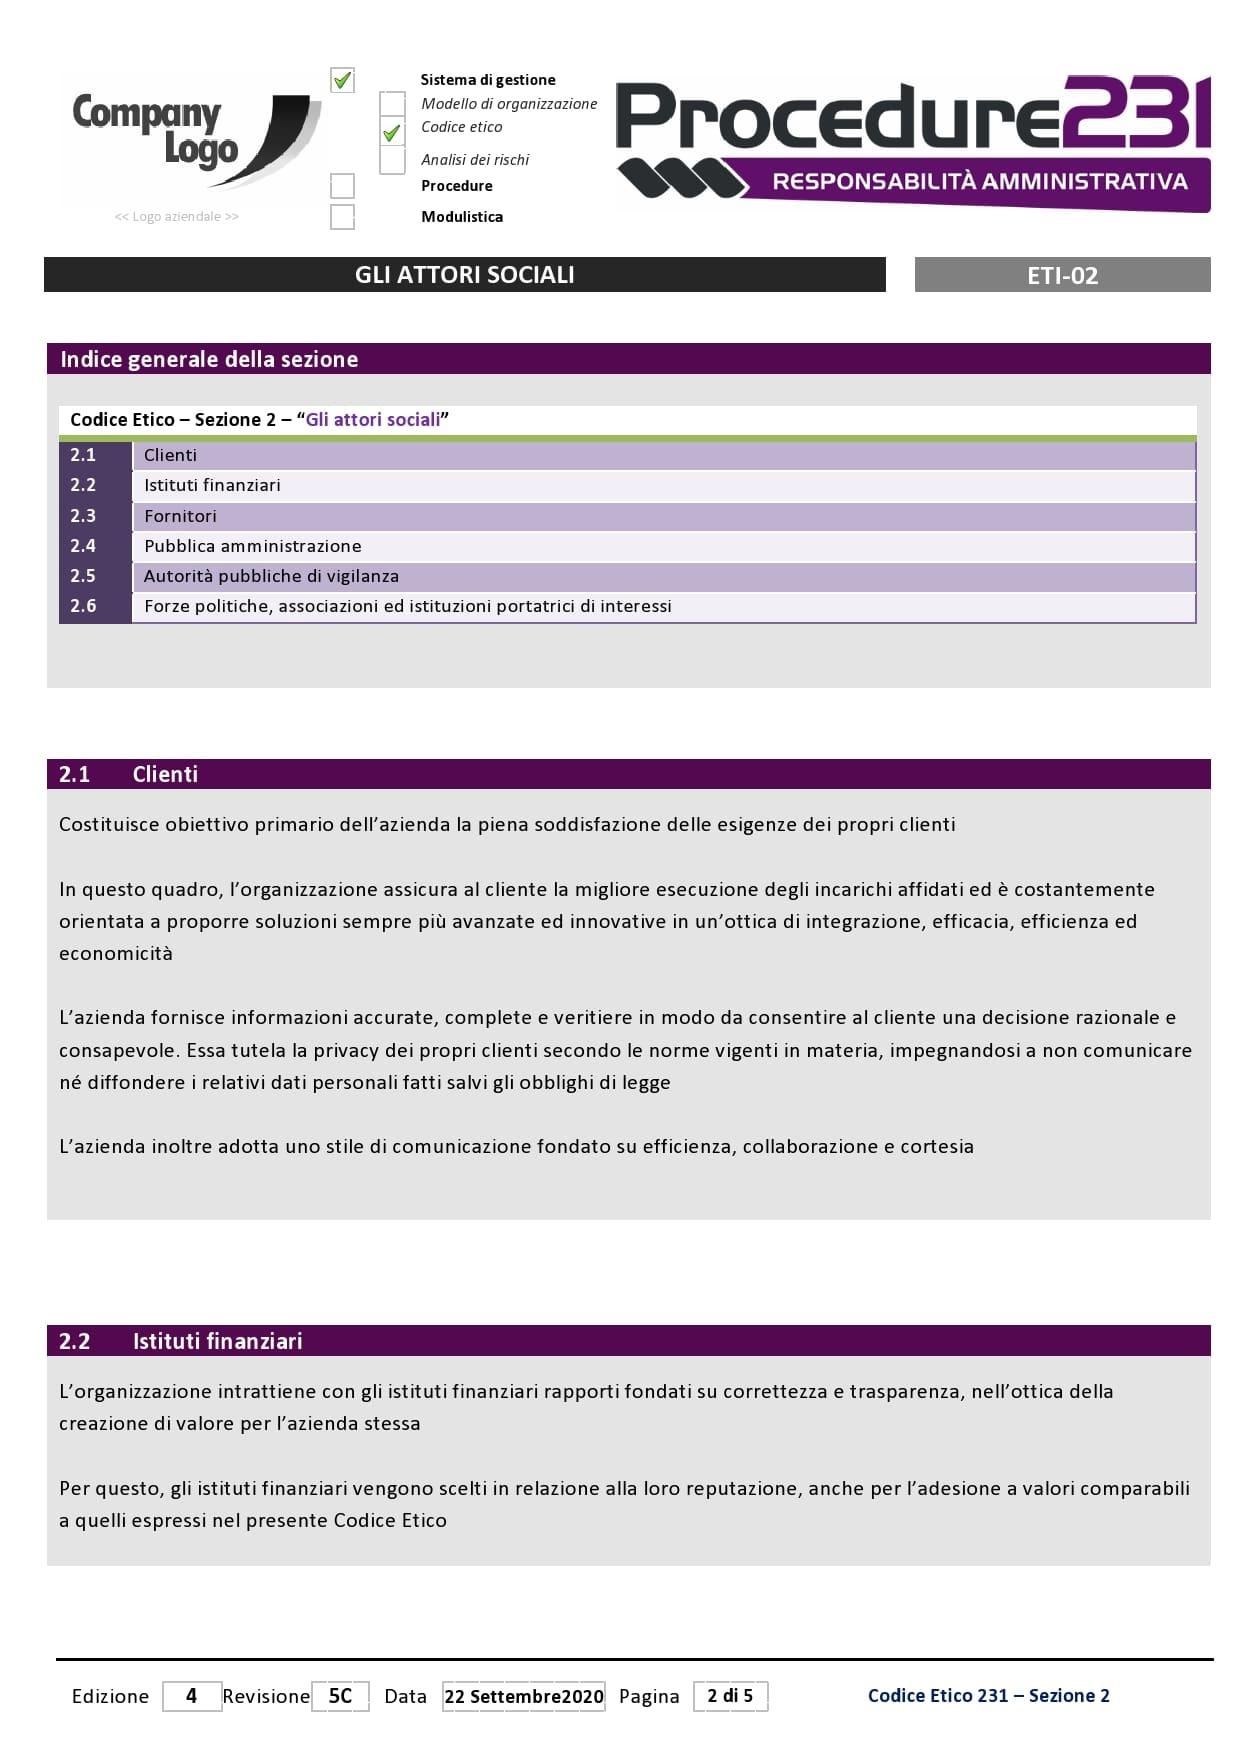 Procedure-231-codice-etico-attori-sociali